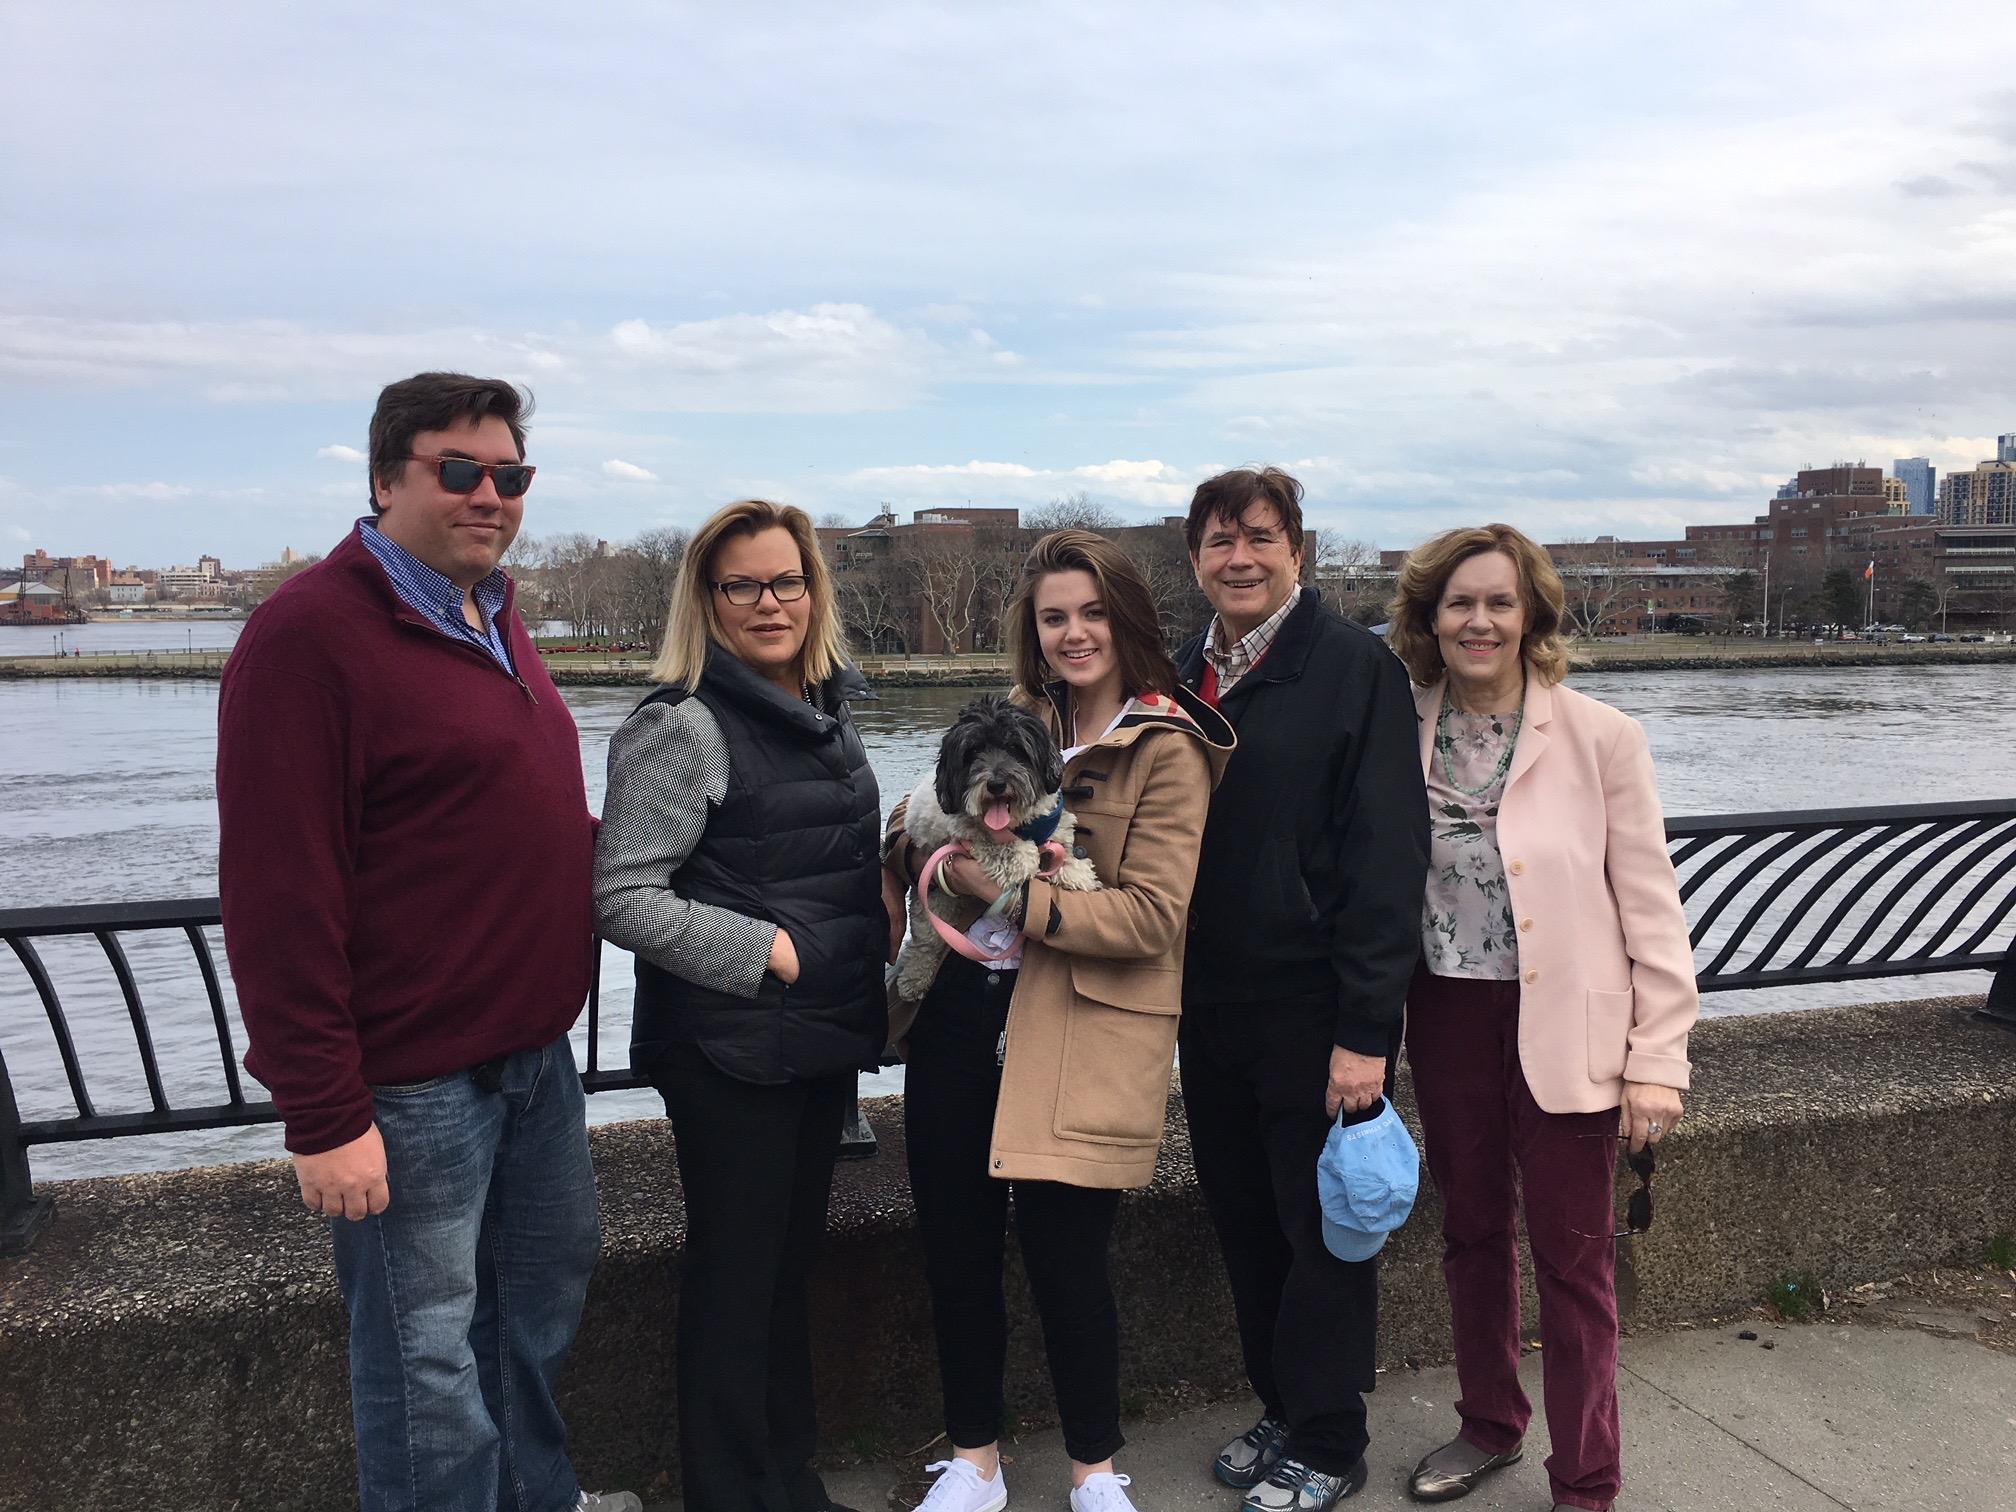 Greg, Celeste, Kate, John, & Lorraine Easter, 2018